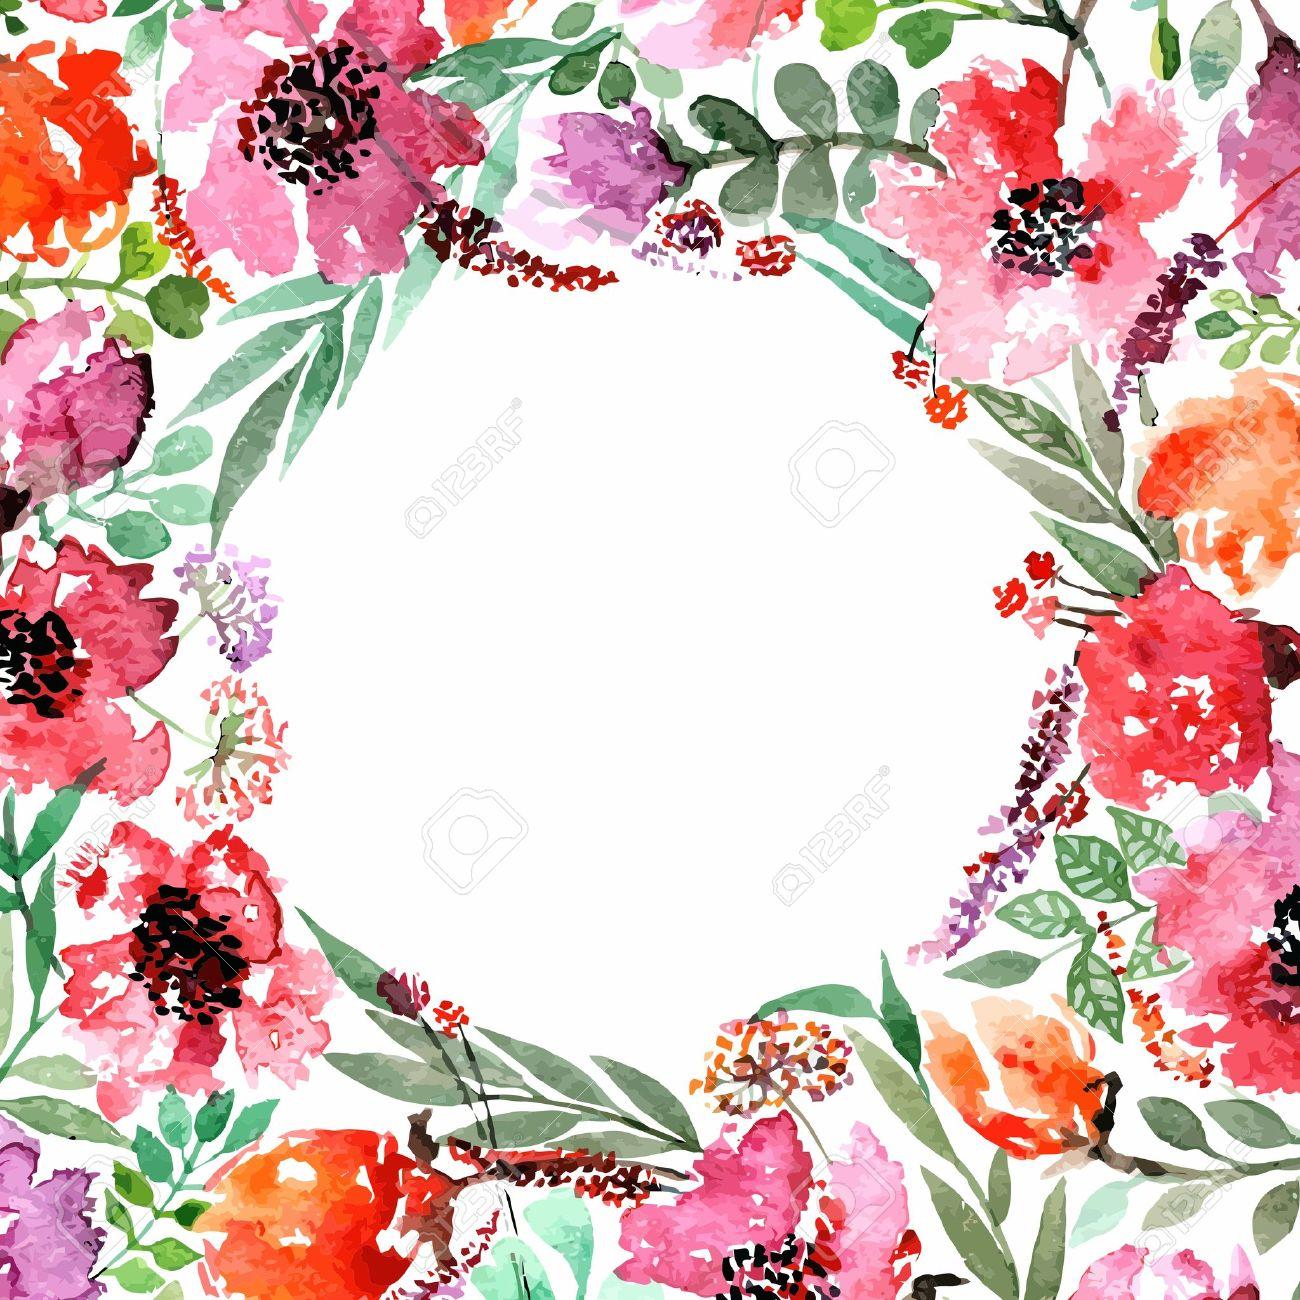 Invitación Boda O Tarjeta De Cumpleaños Marco Floral Fondo De La Acuarela Con Las Flores